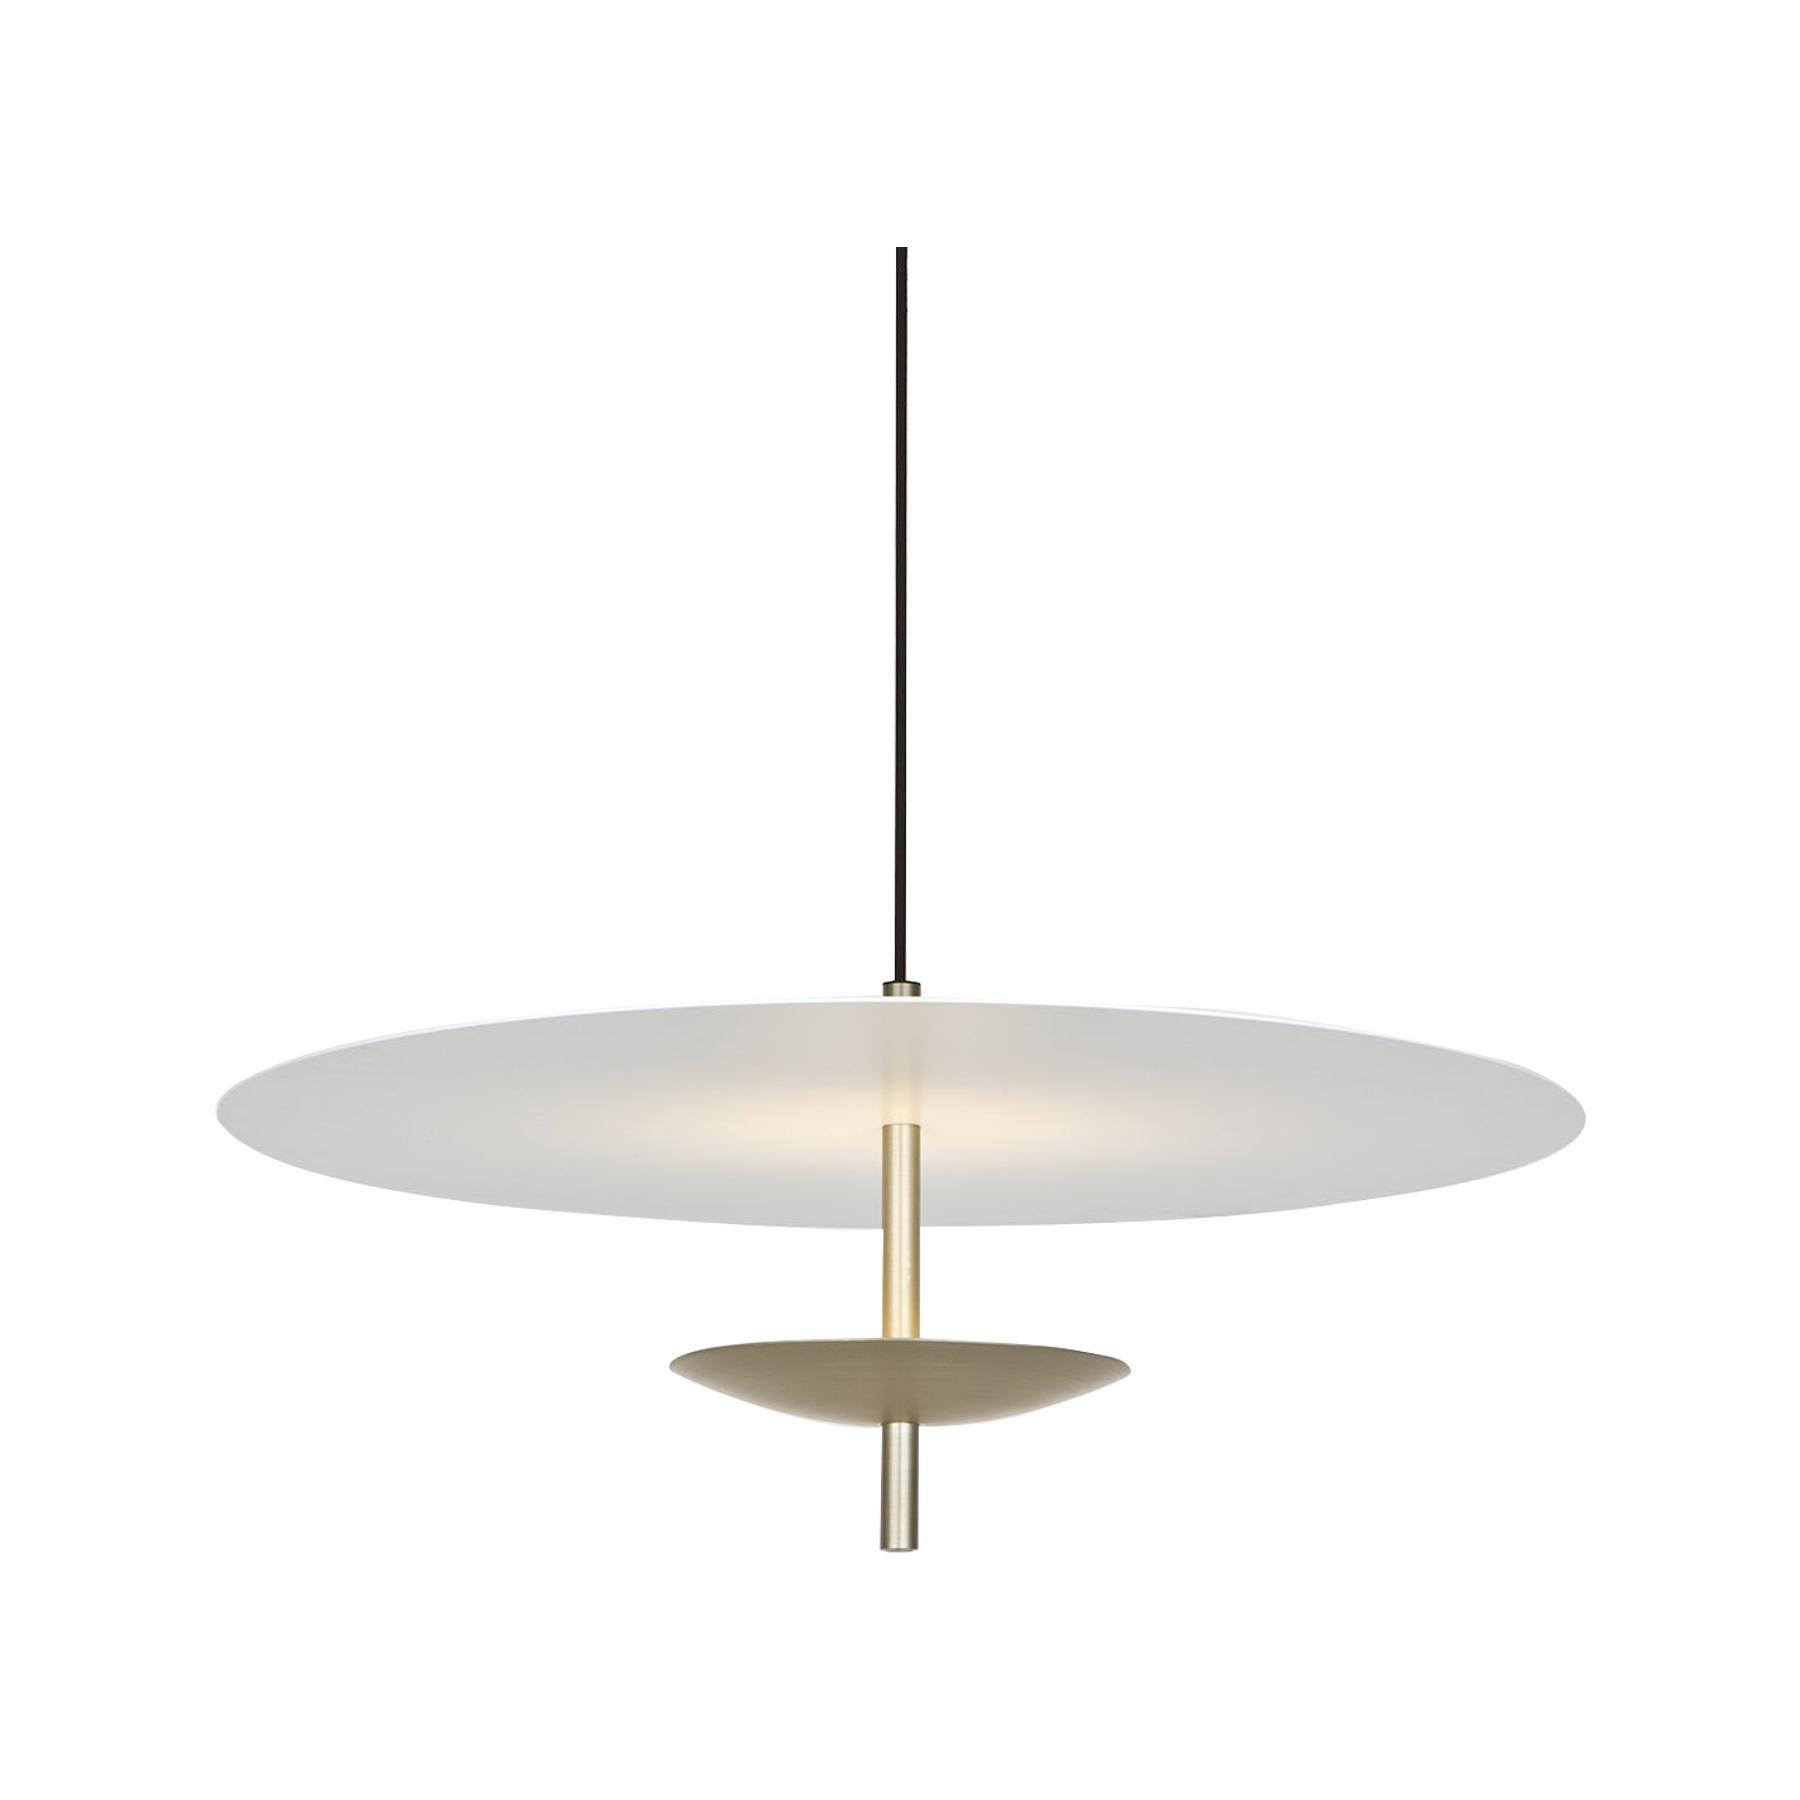 Reflector LED Pendant Light, Anodised Aluminum, Satin Gold, White Shade